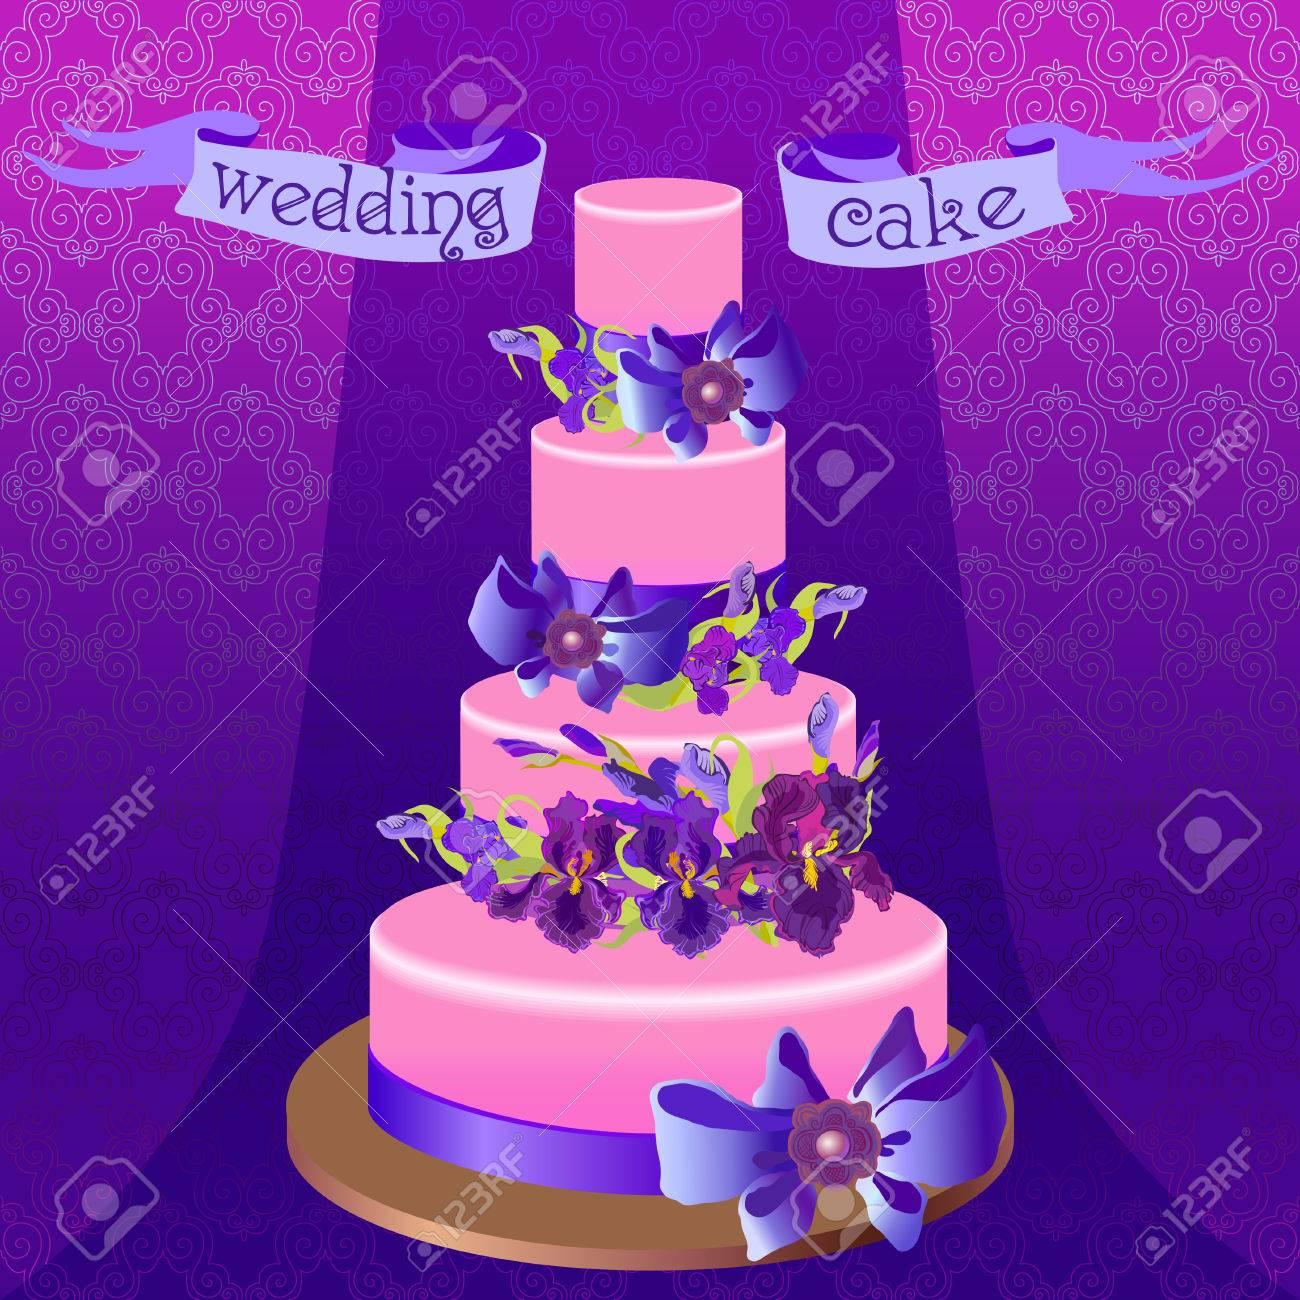 Fesselnde Hochzeitstorte Lila Das Beste Von Mit Lila, Violett, Iris-blumen. Schöne Hochzeit Dessert.